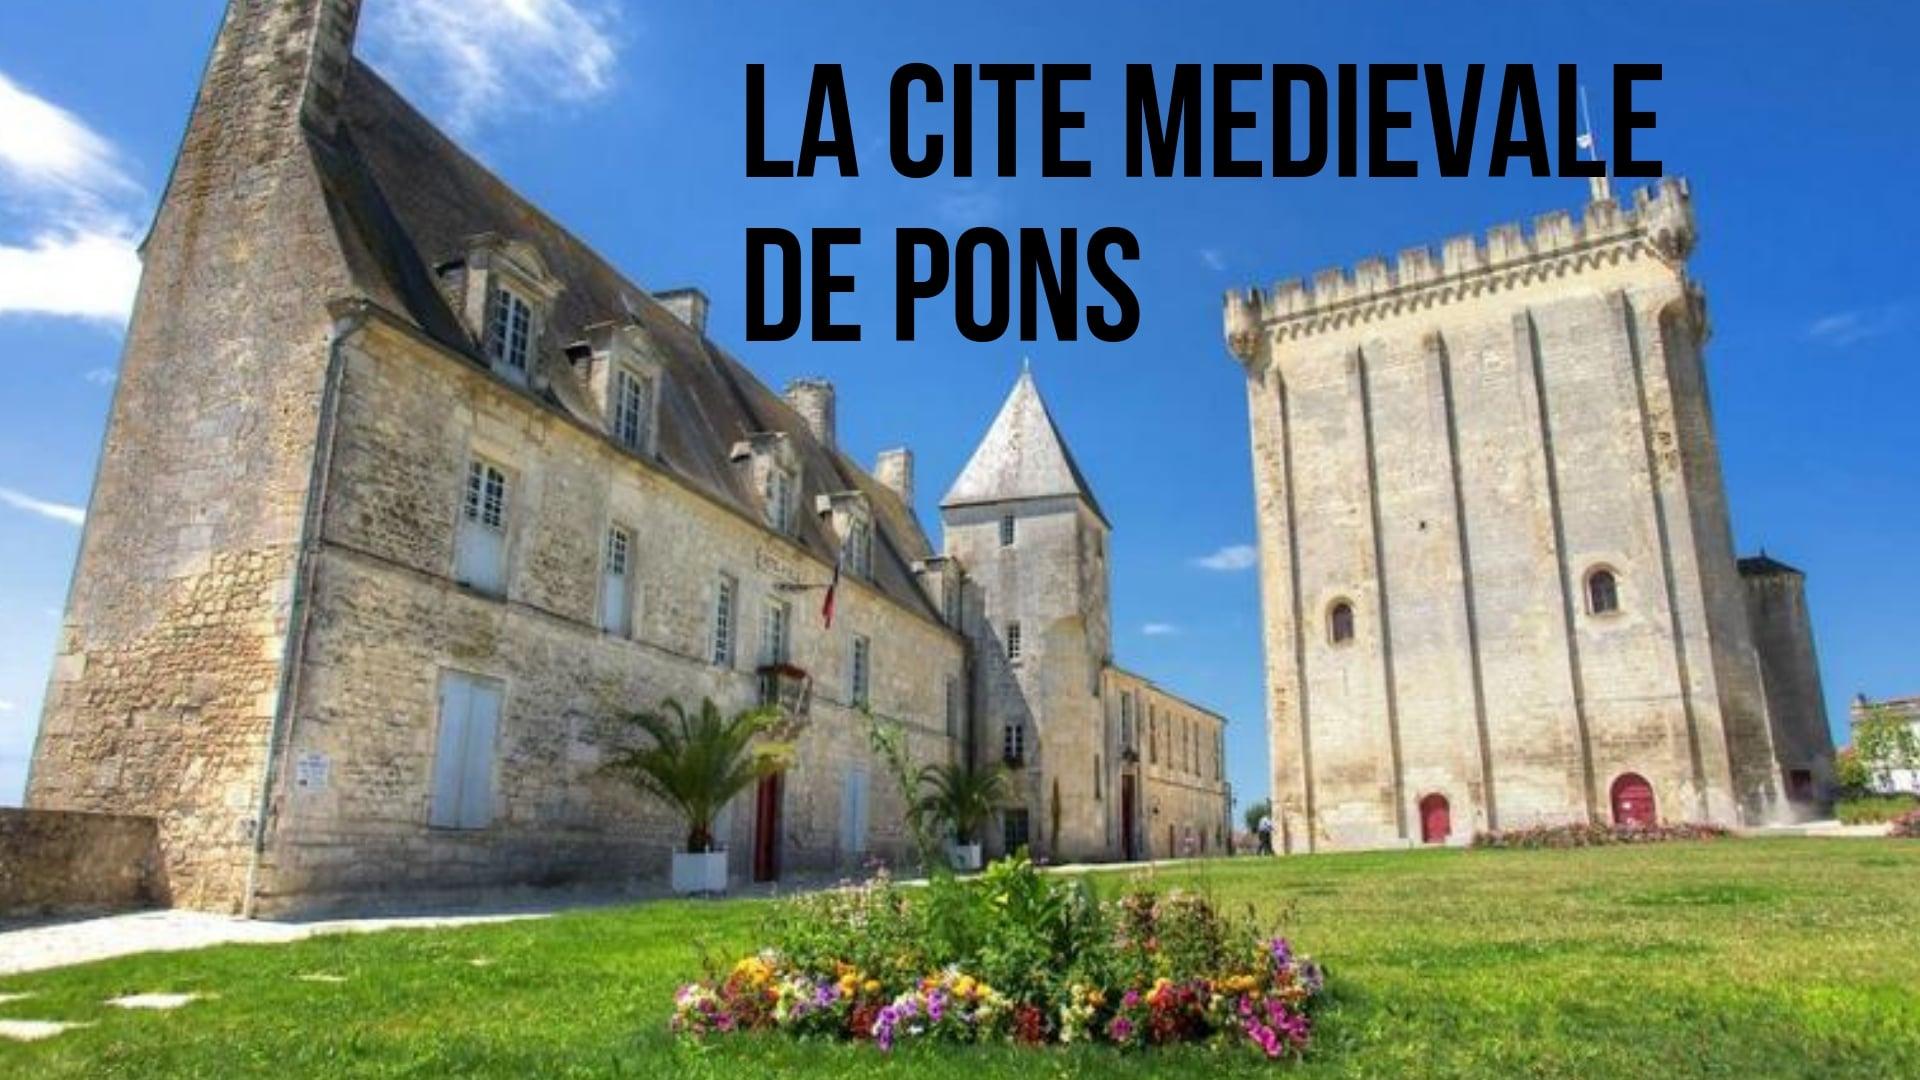 La cité médiévale de Pons (à 5min)